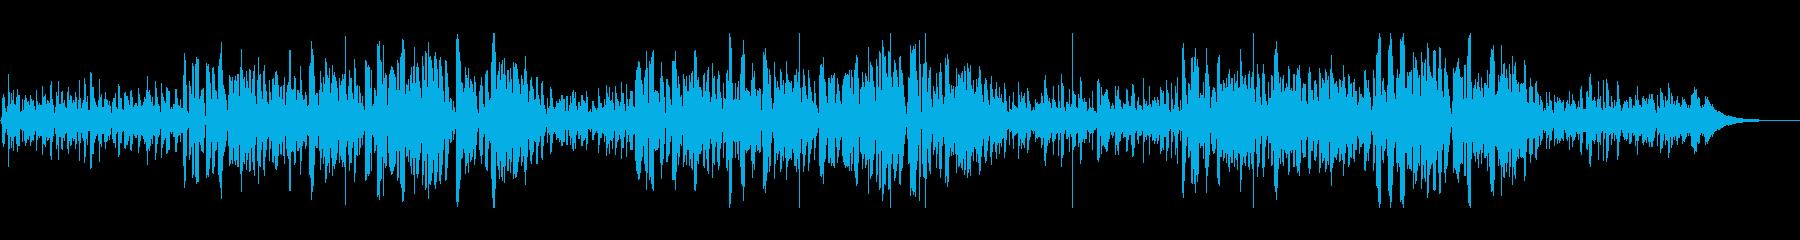 有名クリスマスソングおしゃれなボサノヴァの再生済みの波形